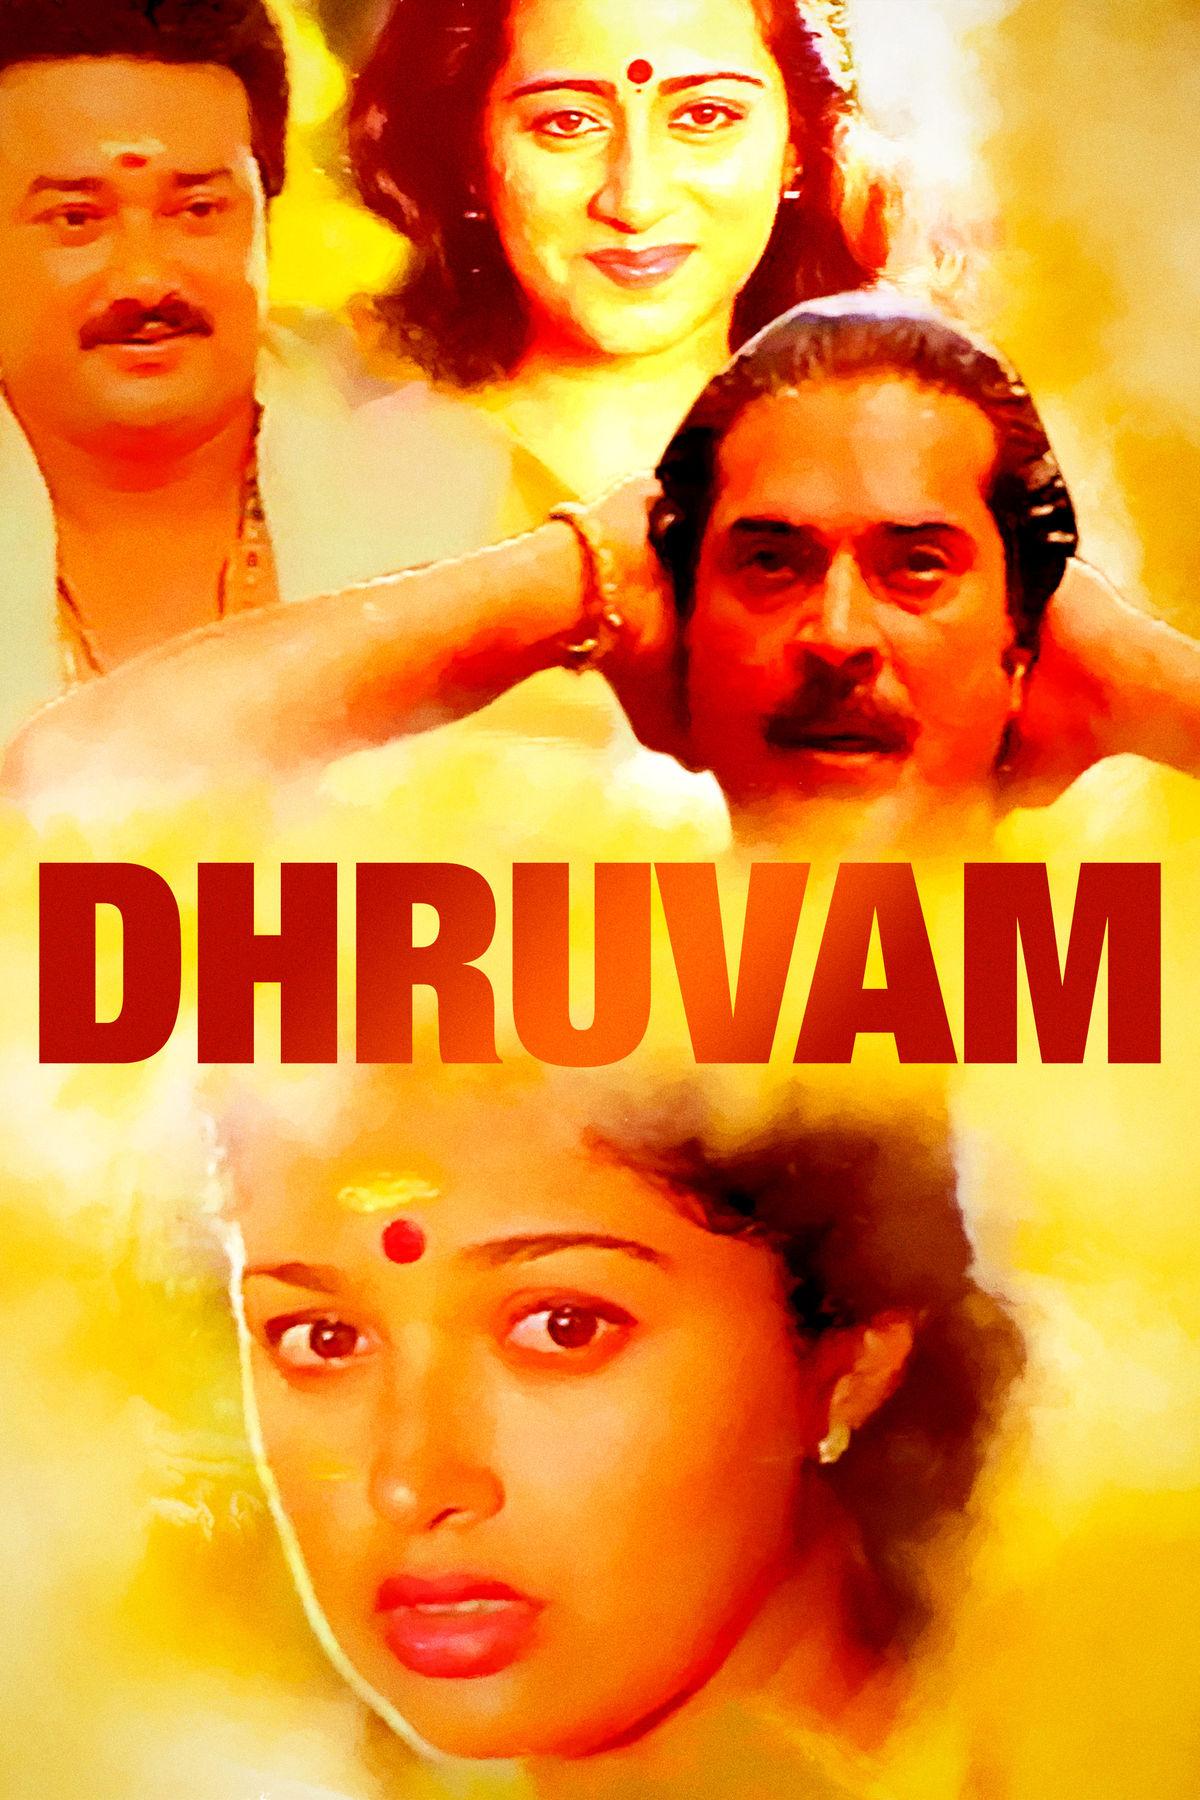 Dhruvam